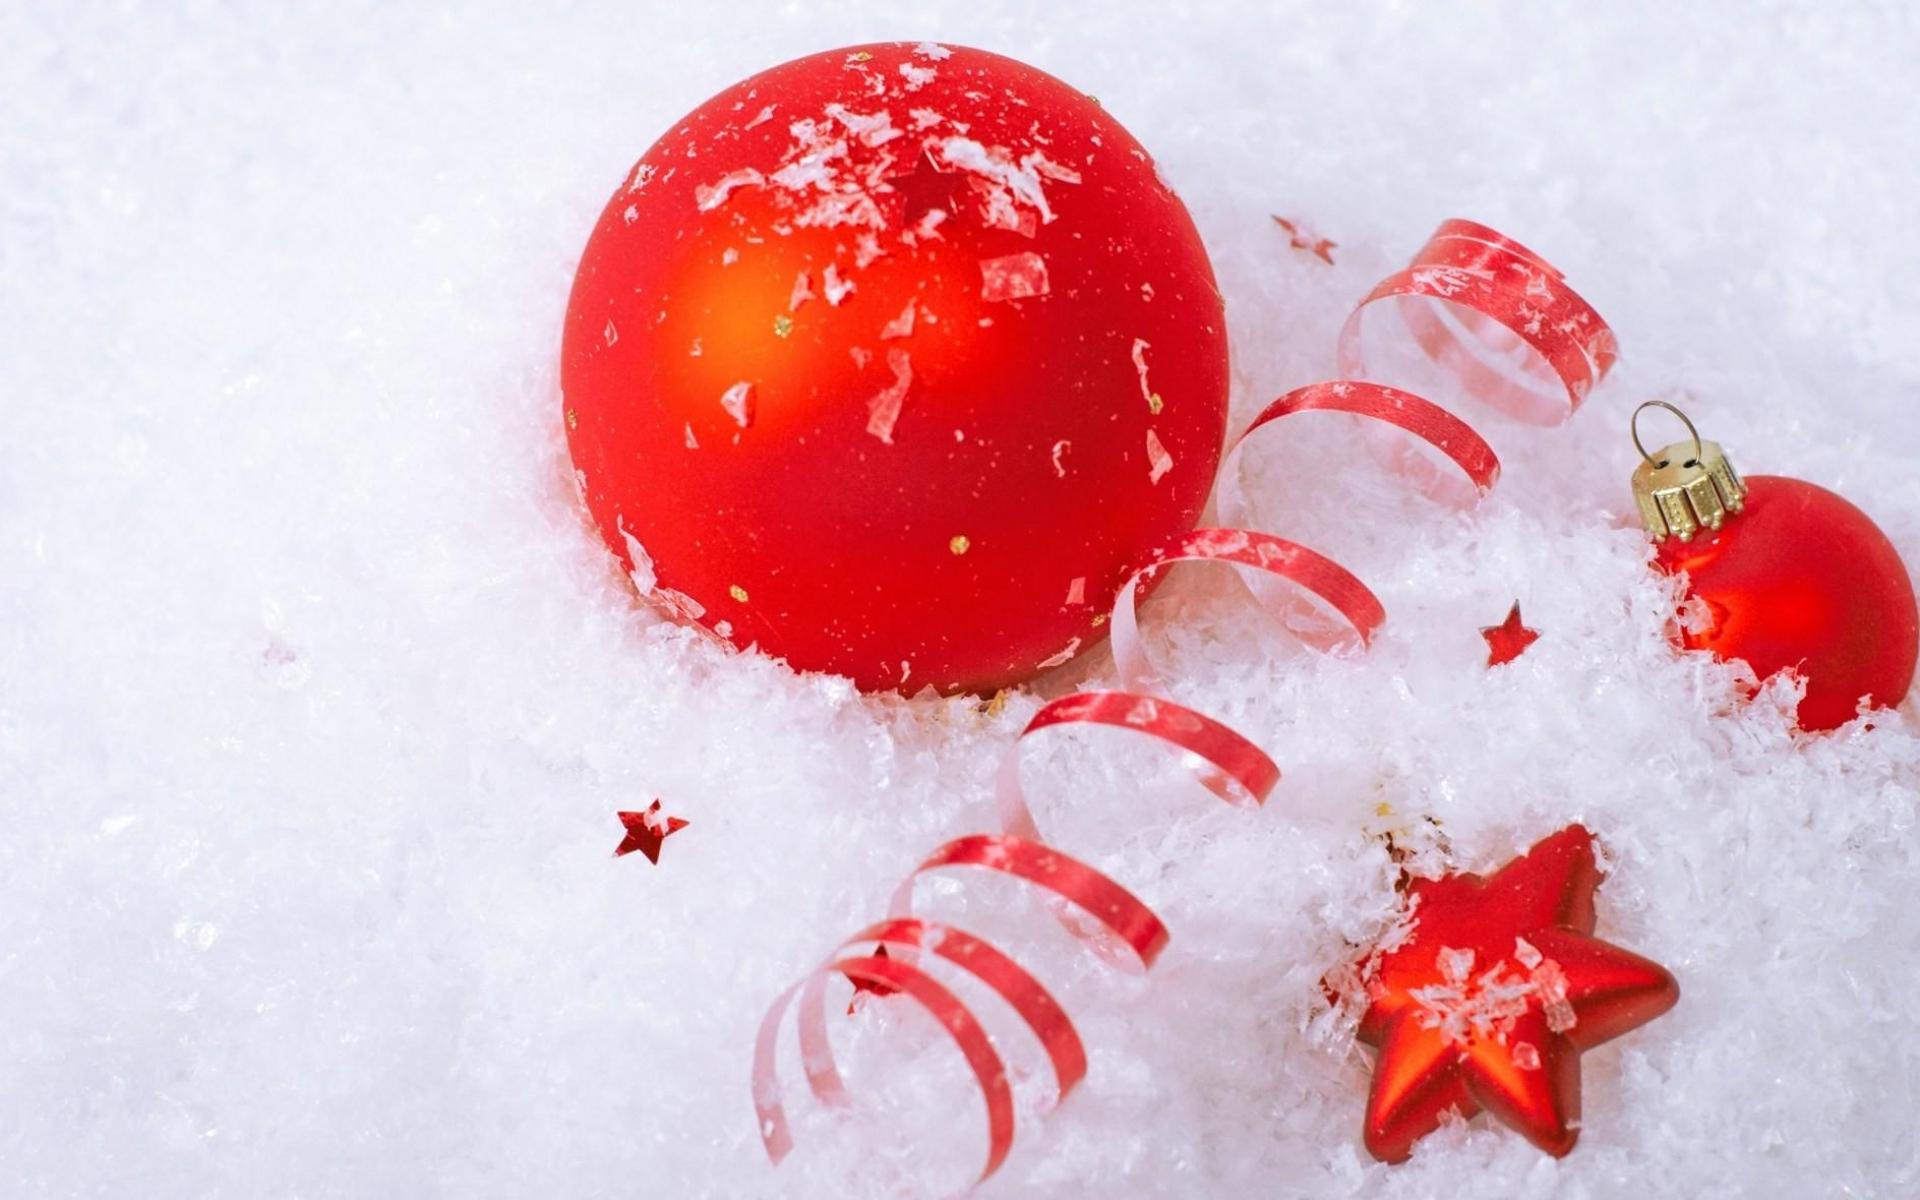 Картинки Рождественские украшения, воздушные шары, звезда, снег, атрибуты, праздник фото и обои на рабочий стол